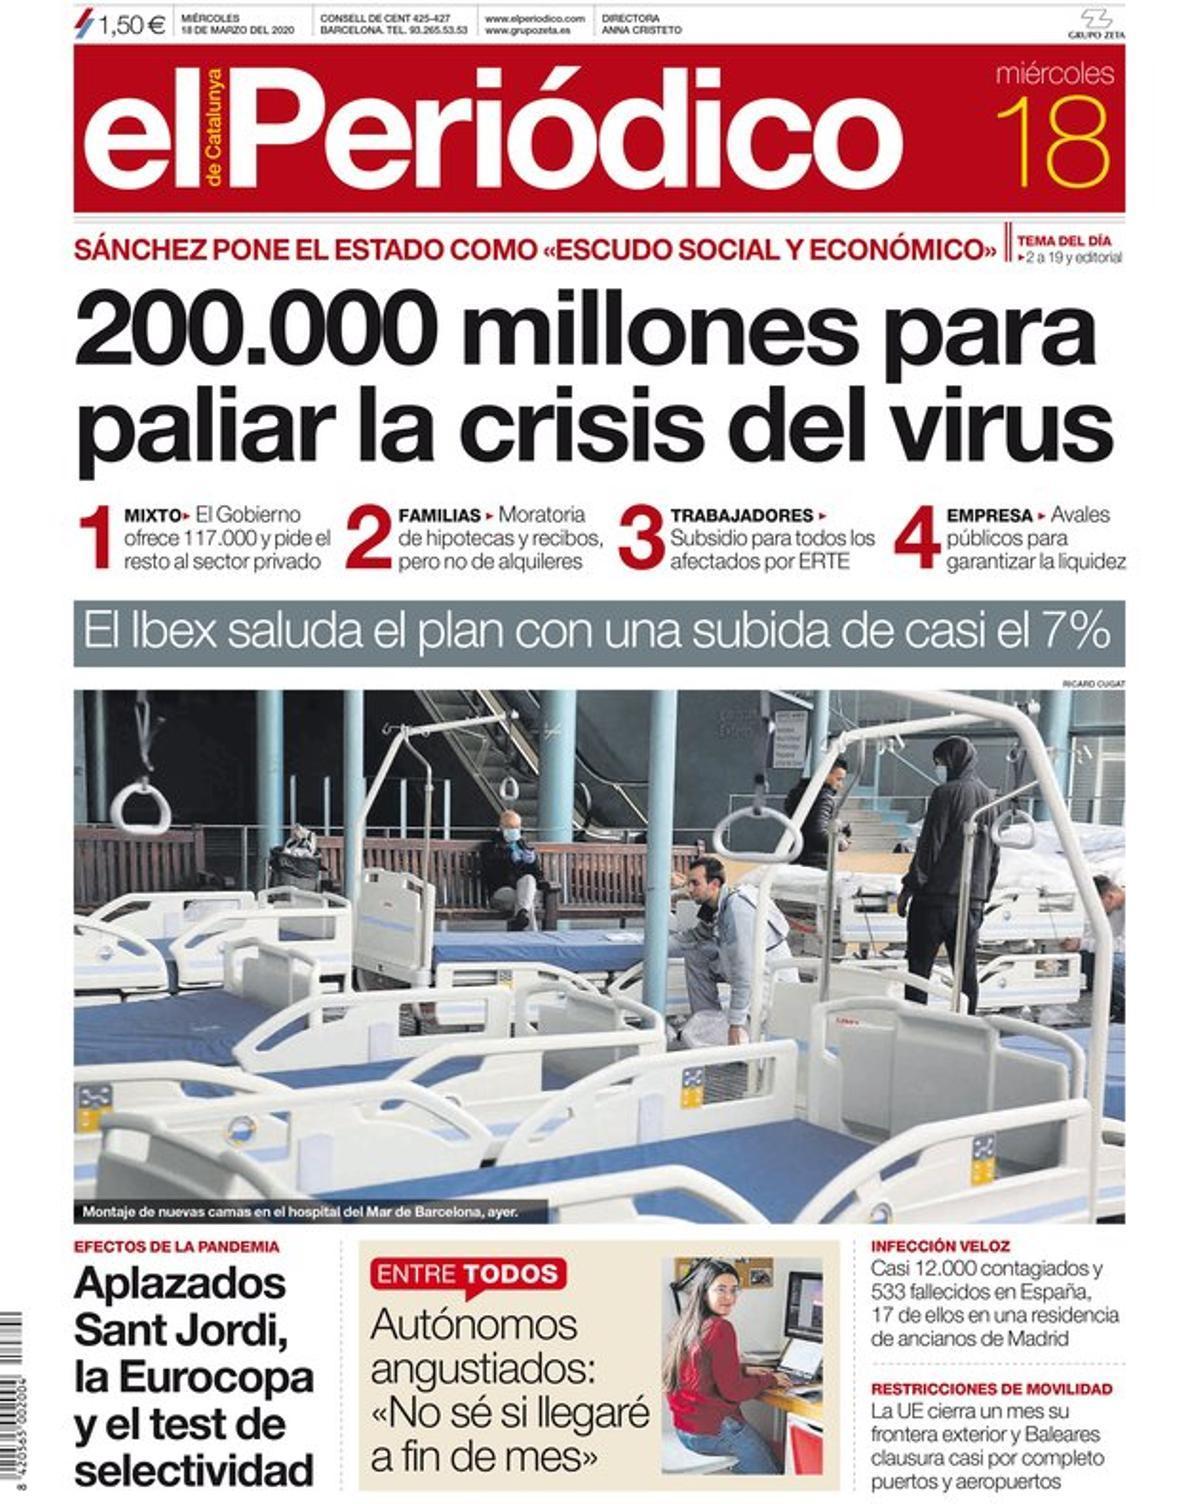 La portada de EL PERIÓDICO del 18 de marzo del 2020.